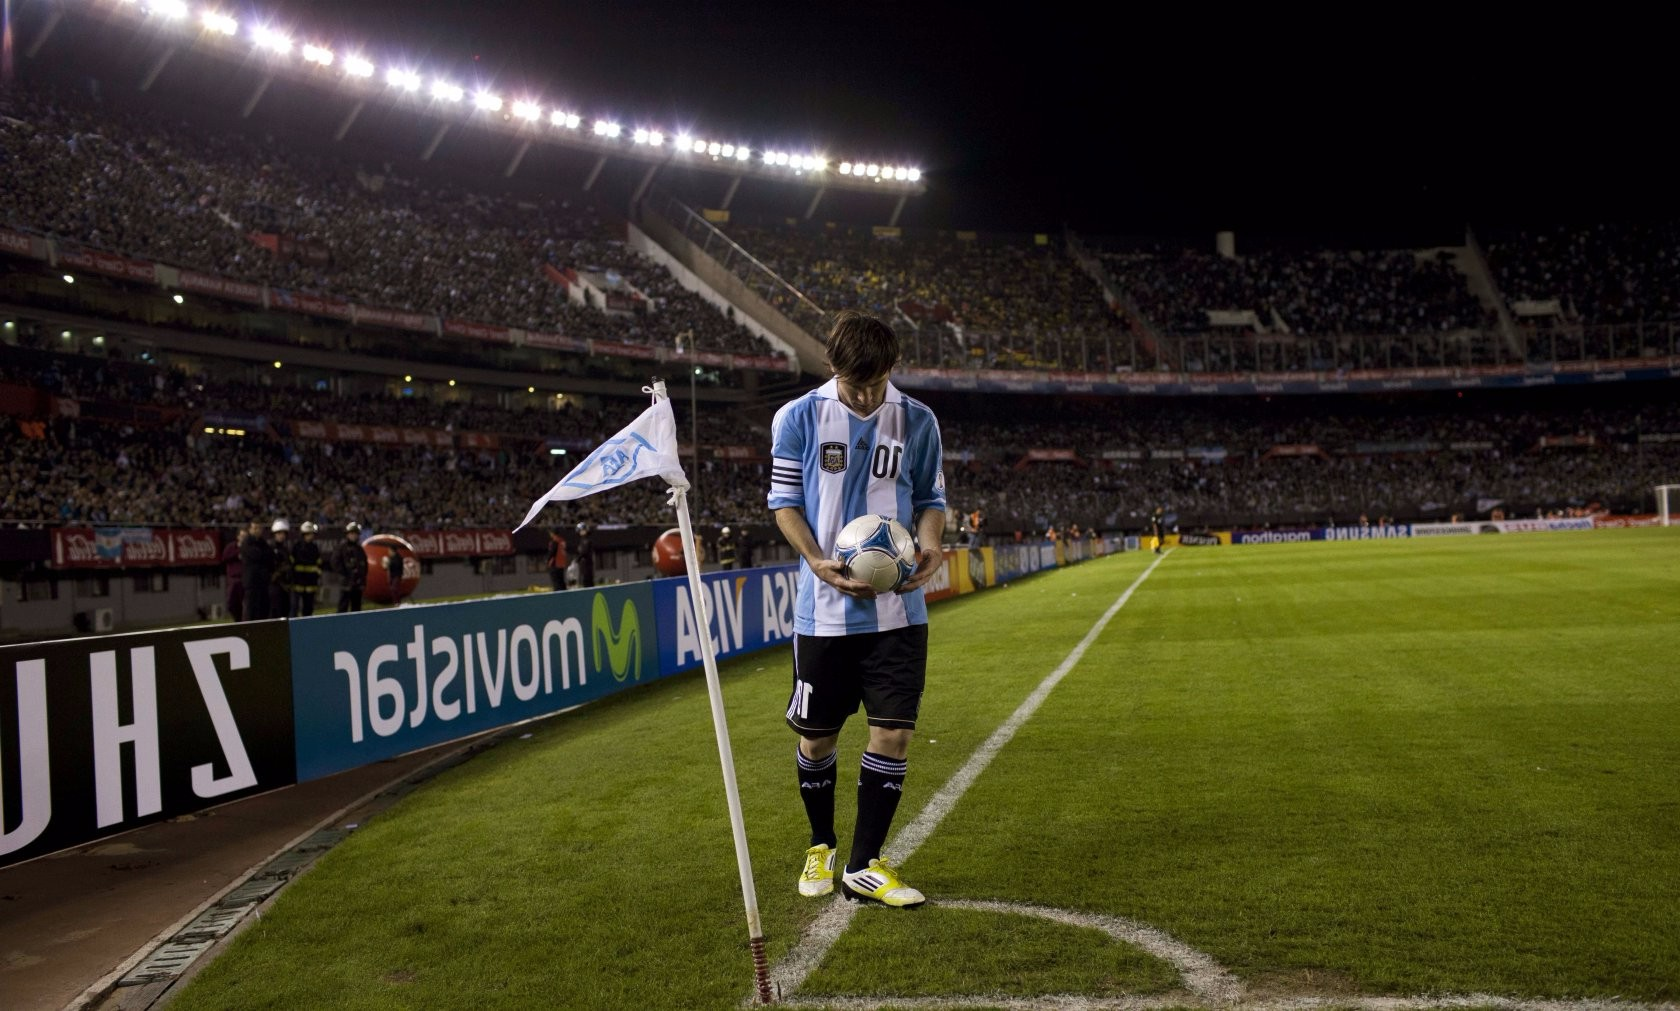 Стратегия ставок на угловые в футболе: что важно учитывать в ставках на корнеры